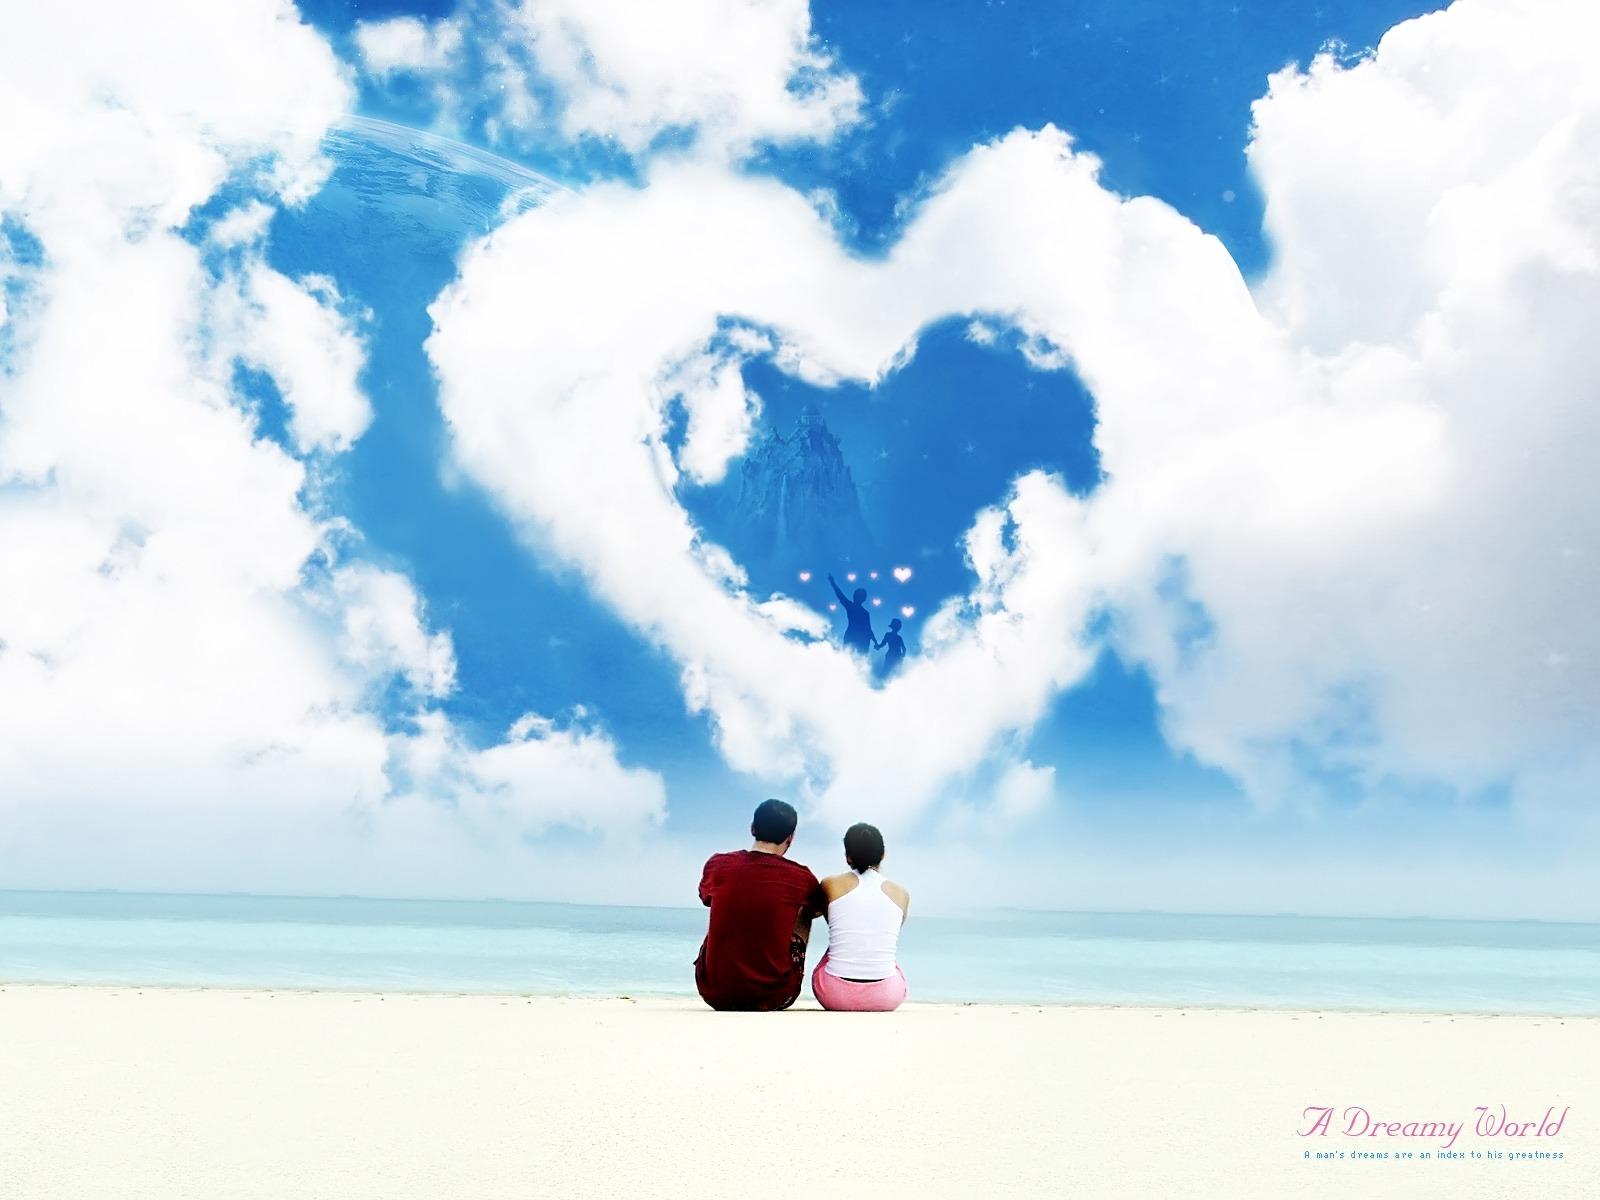 http://4.bp.blogspot.com/-Fb4Mgv0Janc/TyQnj2Oa2dI/AAAAAAAAC6Y/Q9Iu4EEh7Pk/s1600/valentine%27s+day+wallpaper-natural.jpg